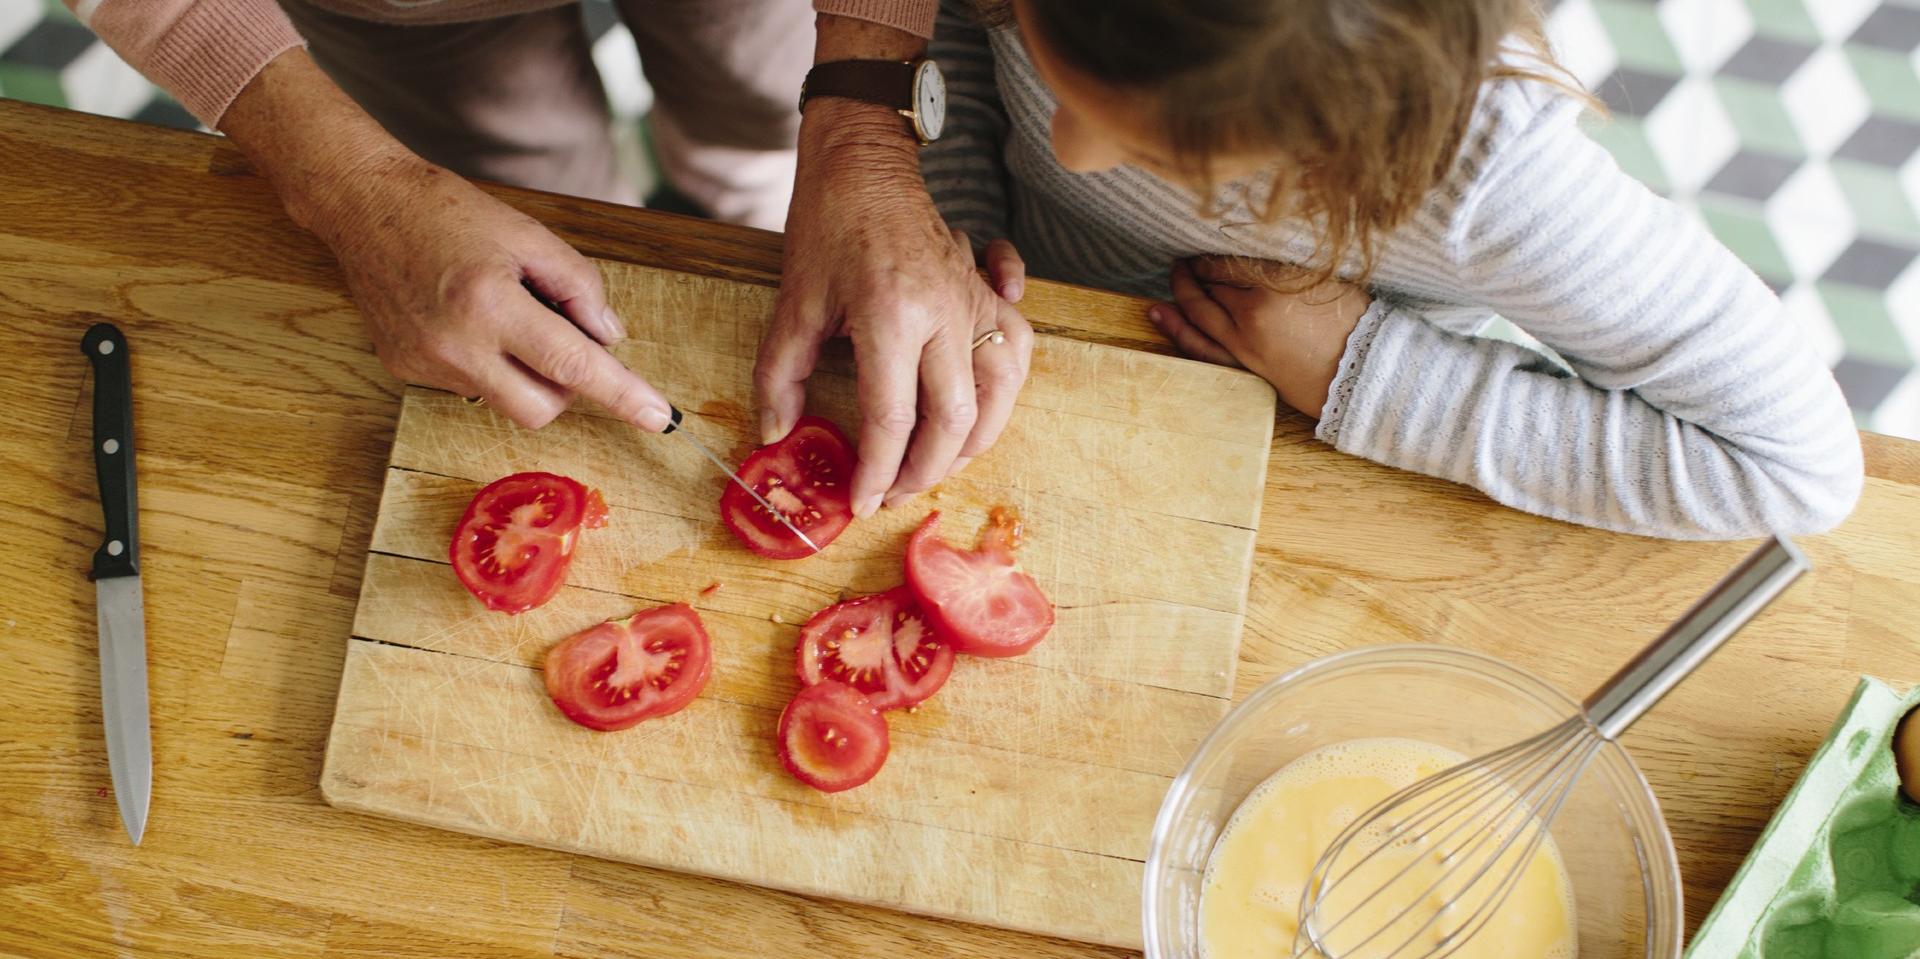 Coupures dans la cuisine